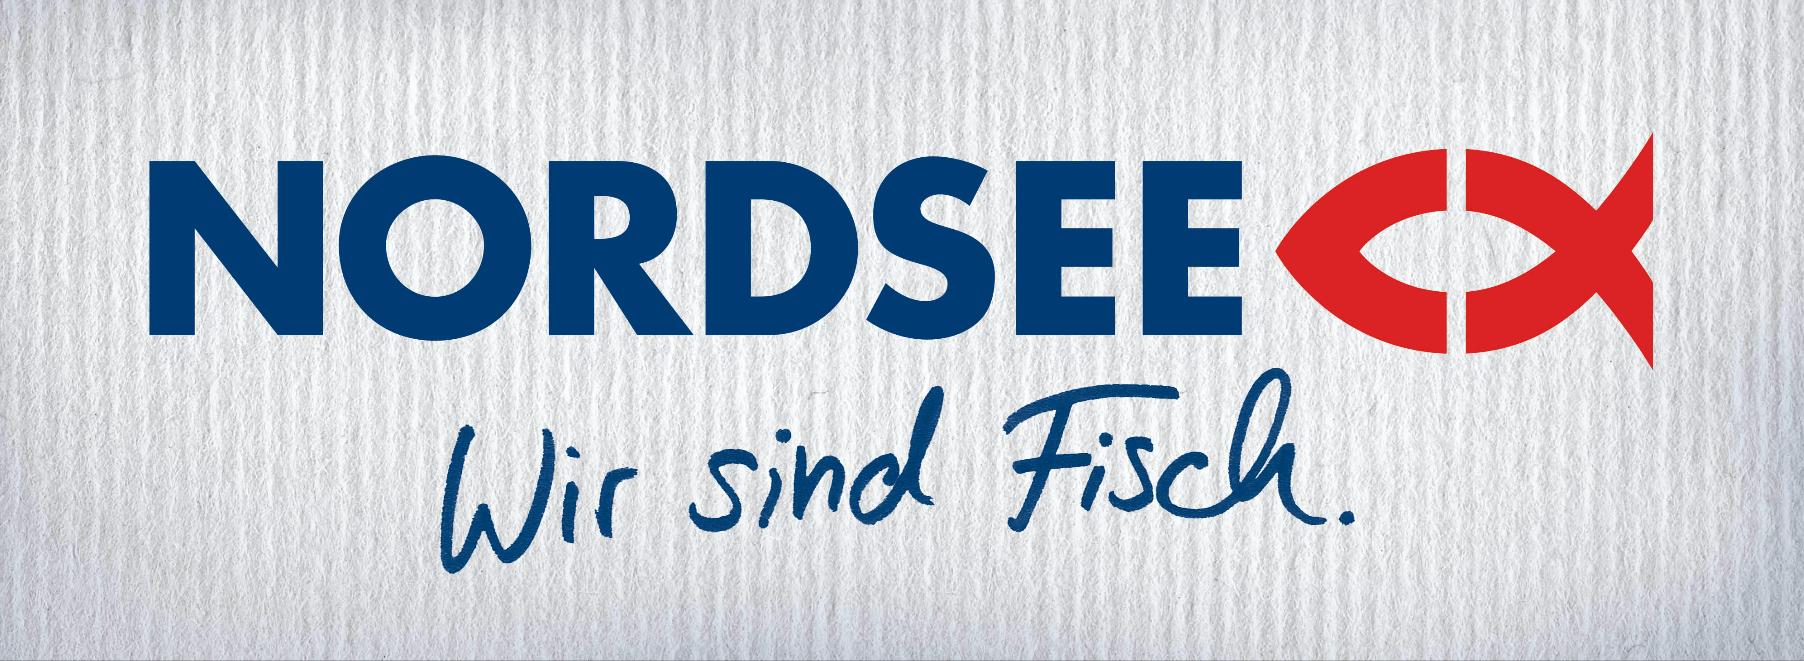 NORDSEE Gutscheine bis 01.09.2017 [Dein Bahnhof Sommer-Ausgabe]